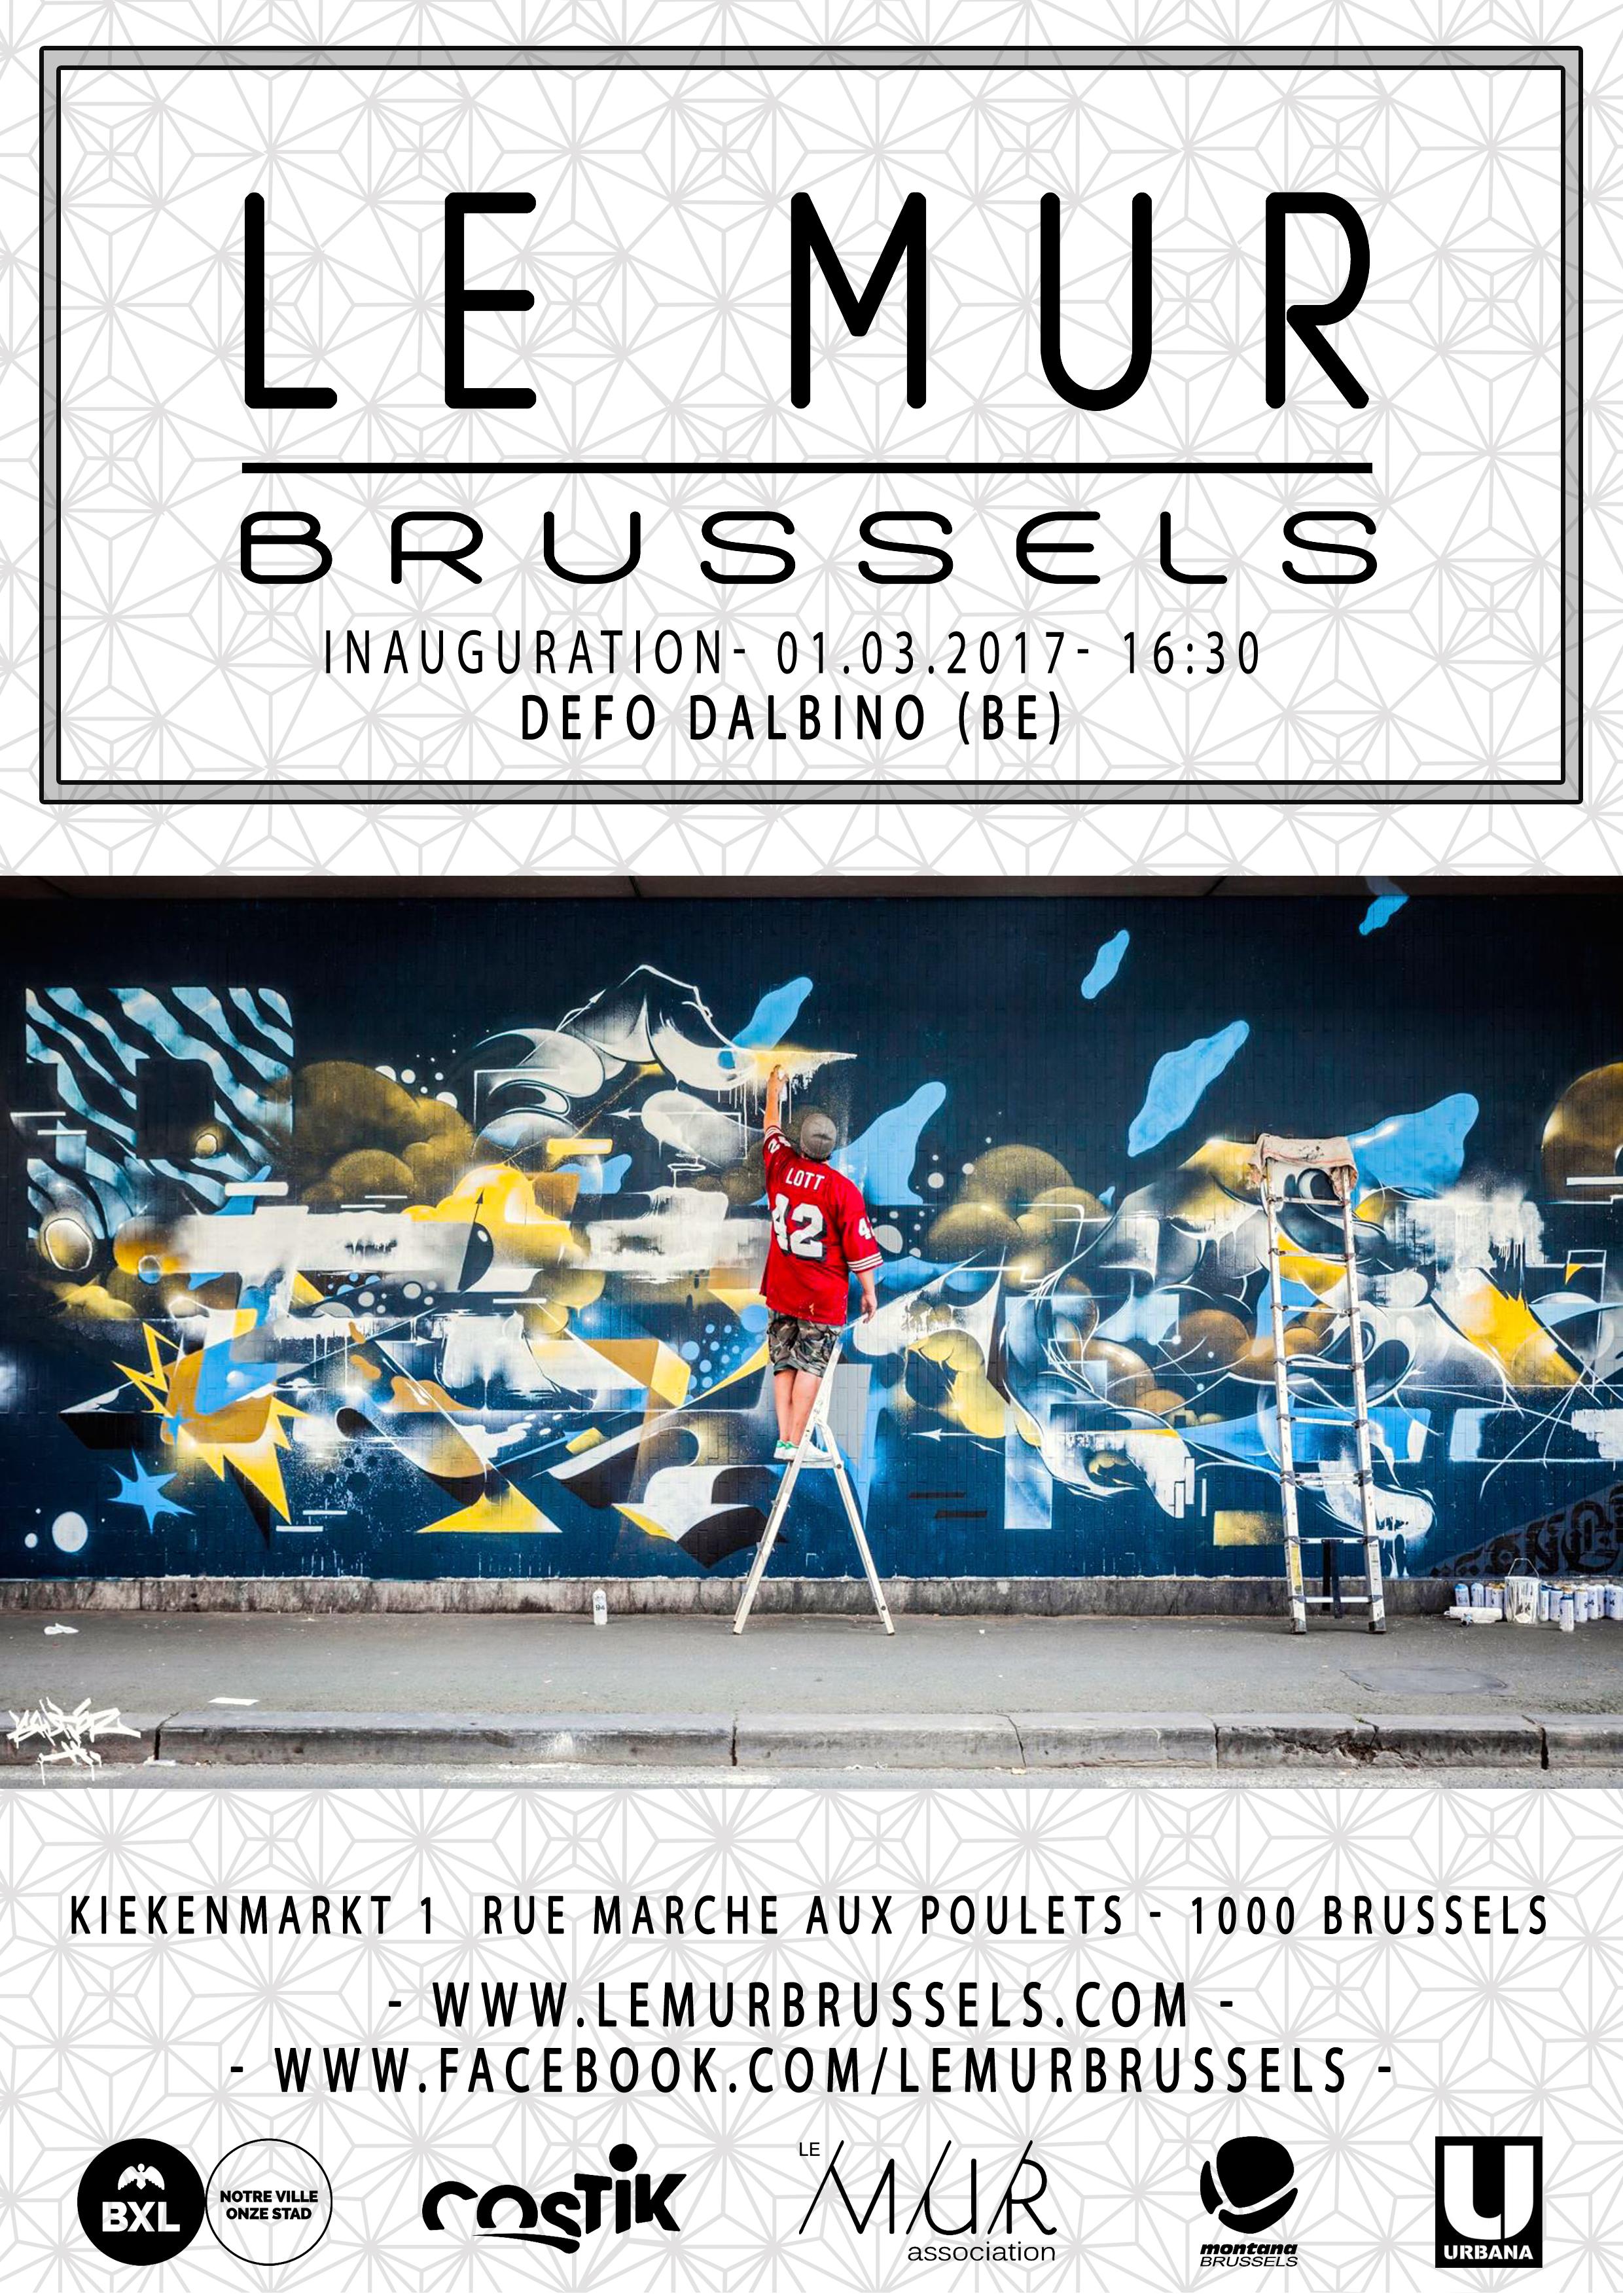 Le MUR Brussels chap8 defo